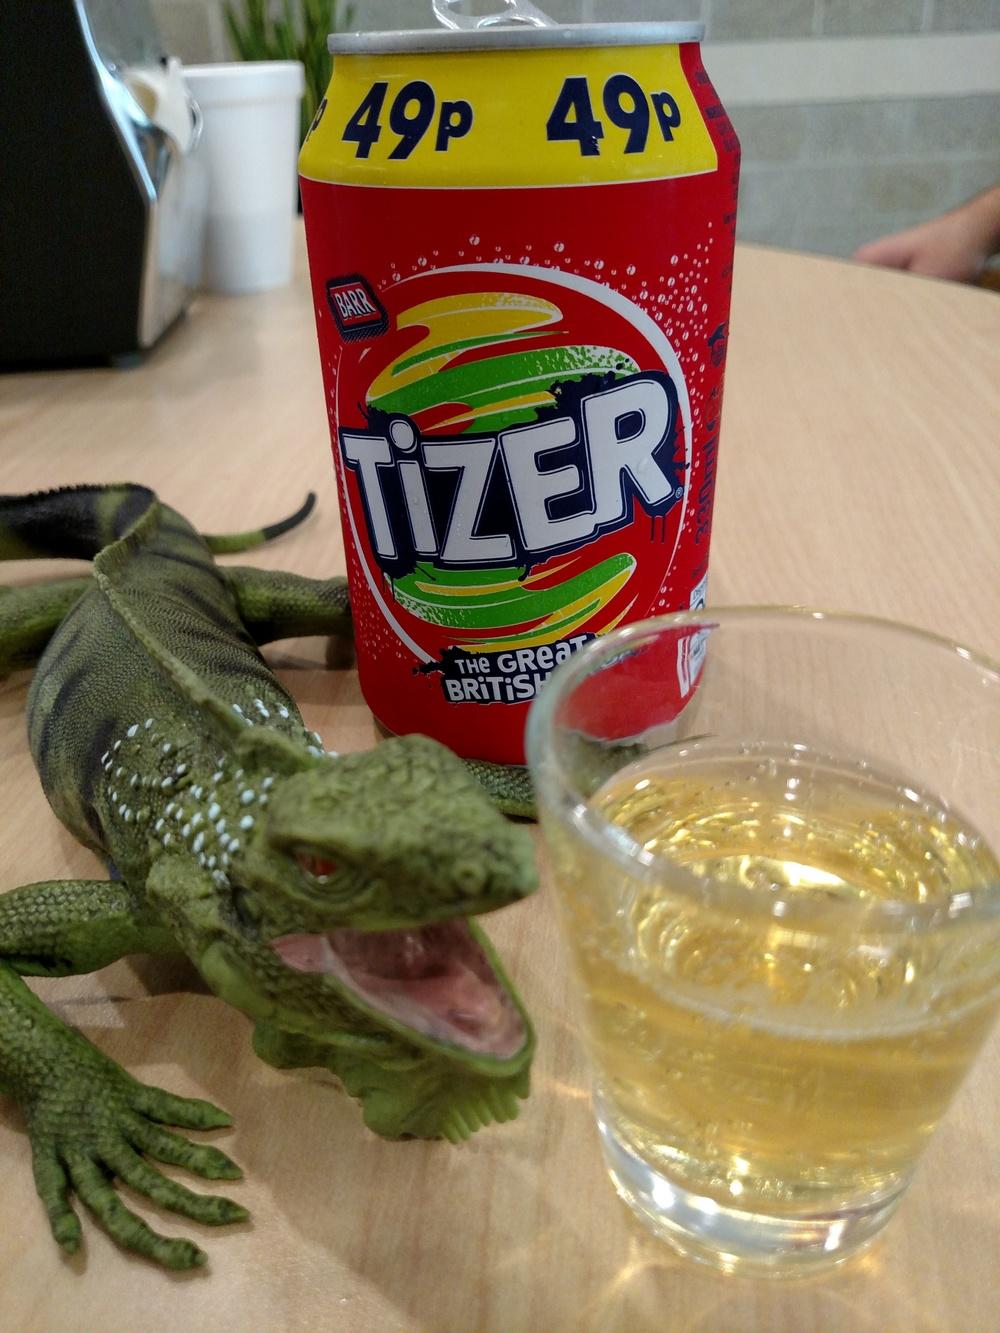 Tye-zer, Tizz-er. Tee-zer?